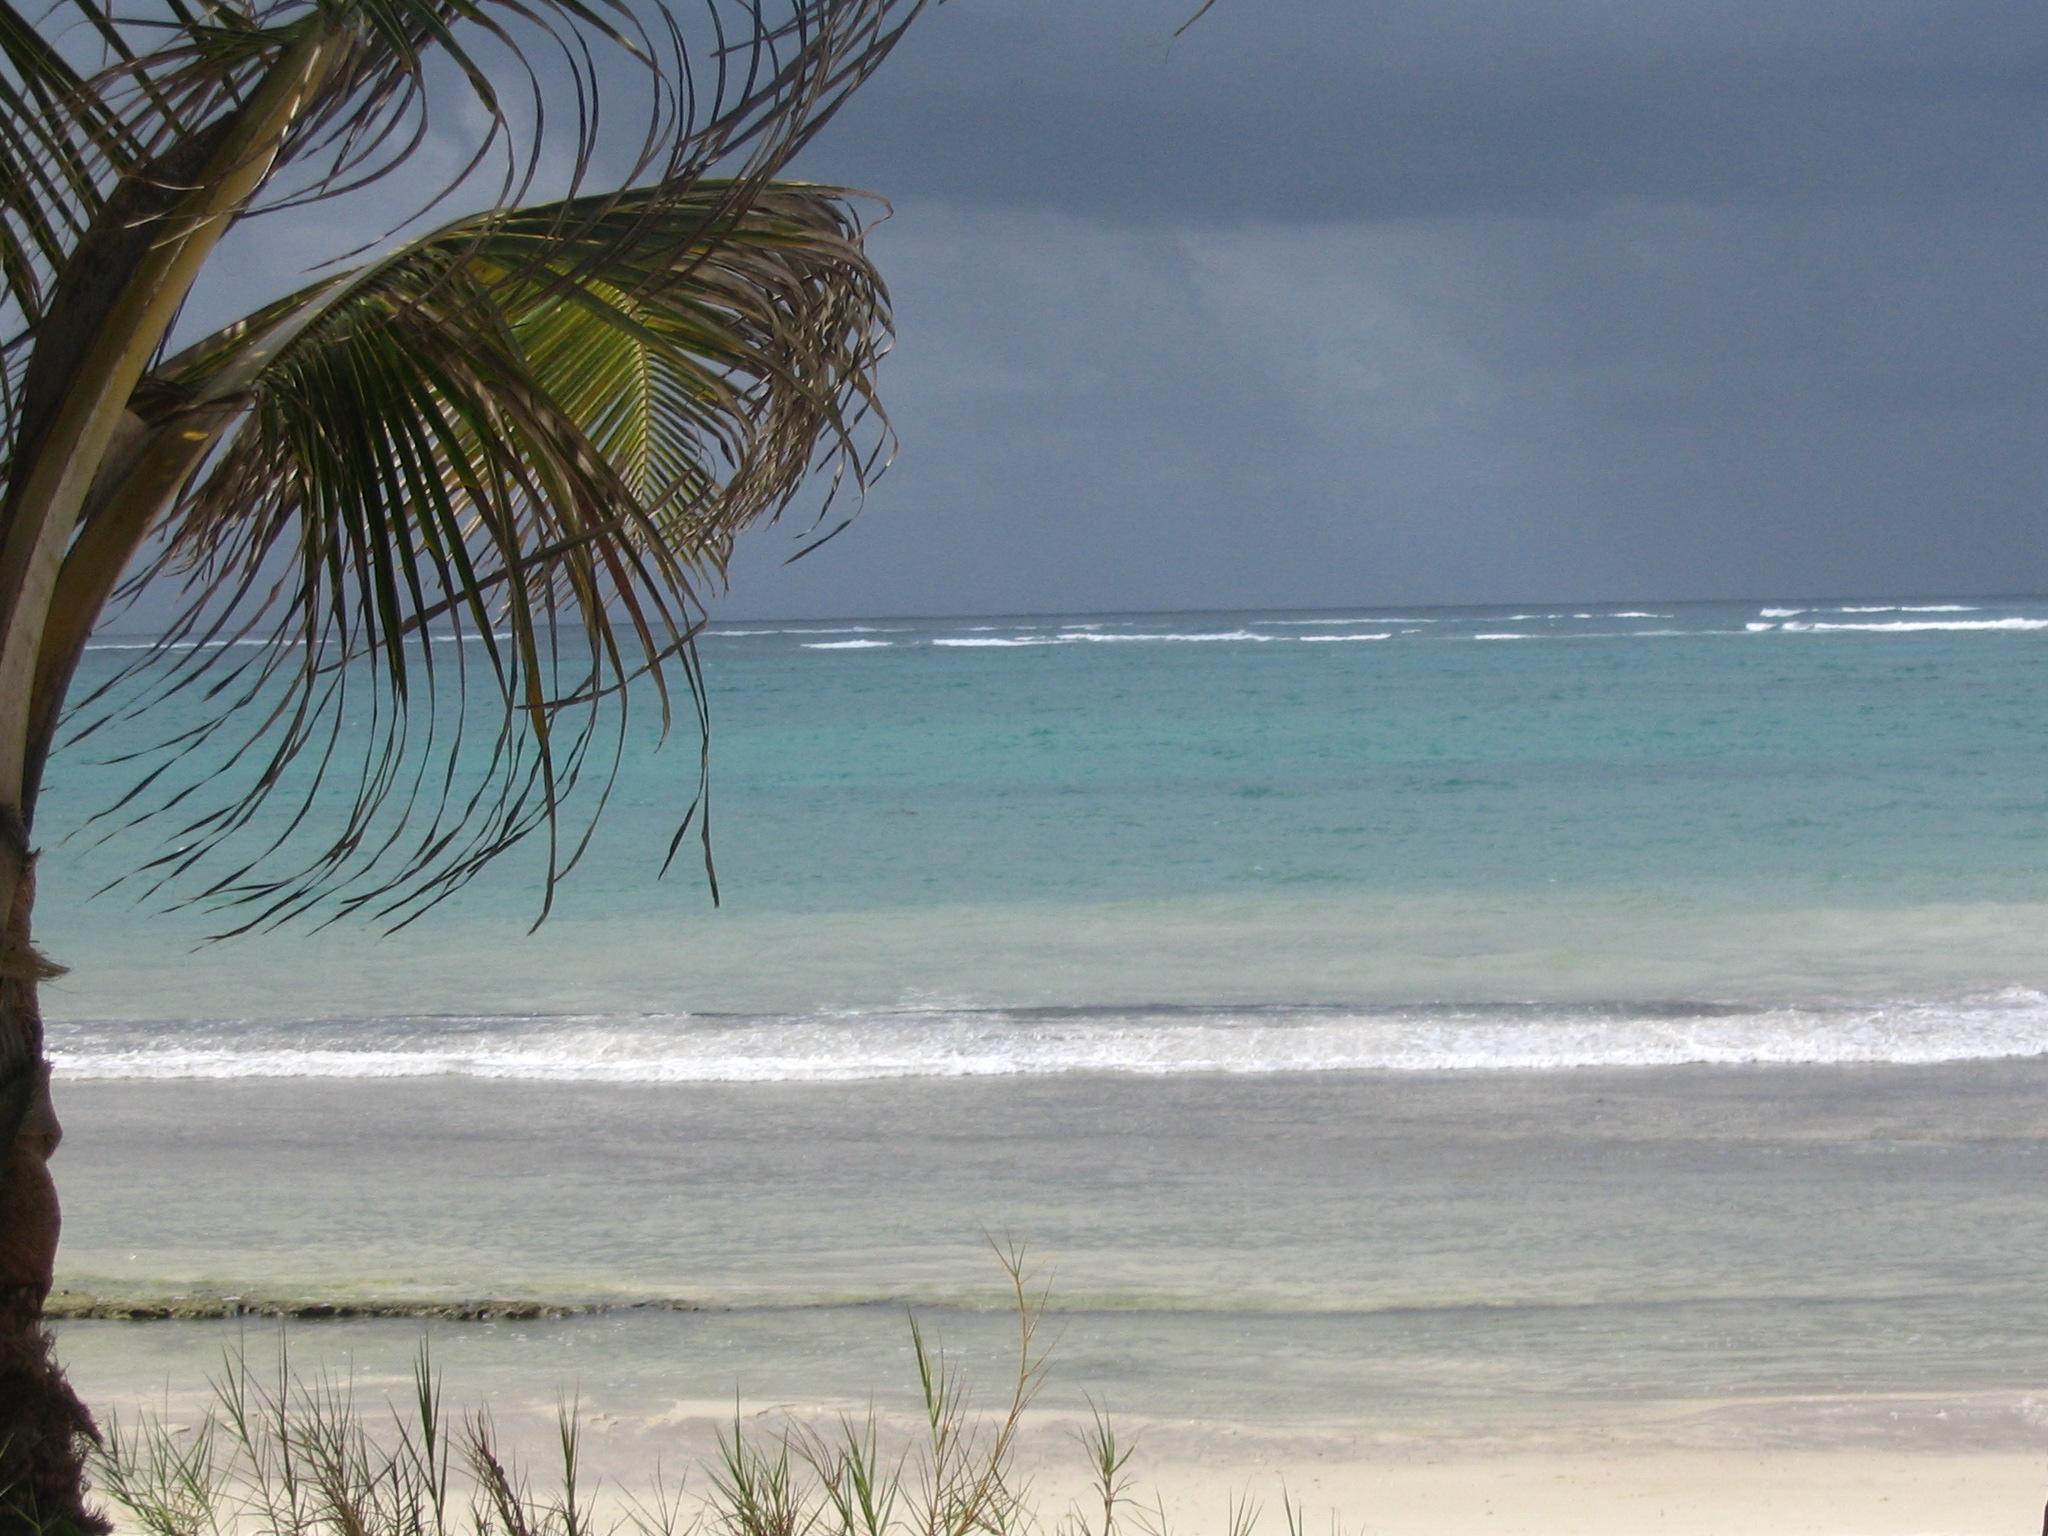 The Beach Club Gulf Breeze Fl